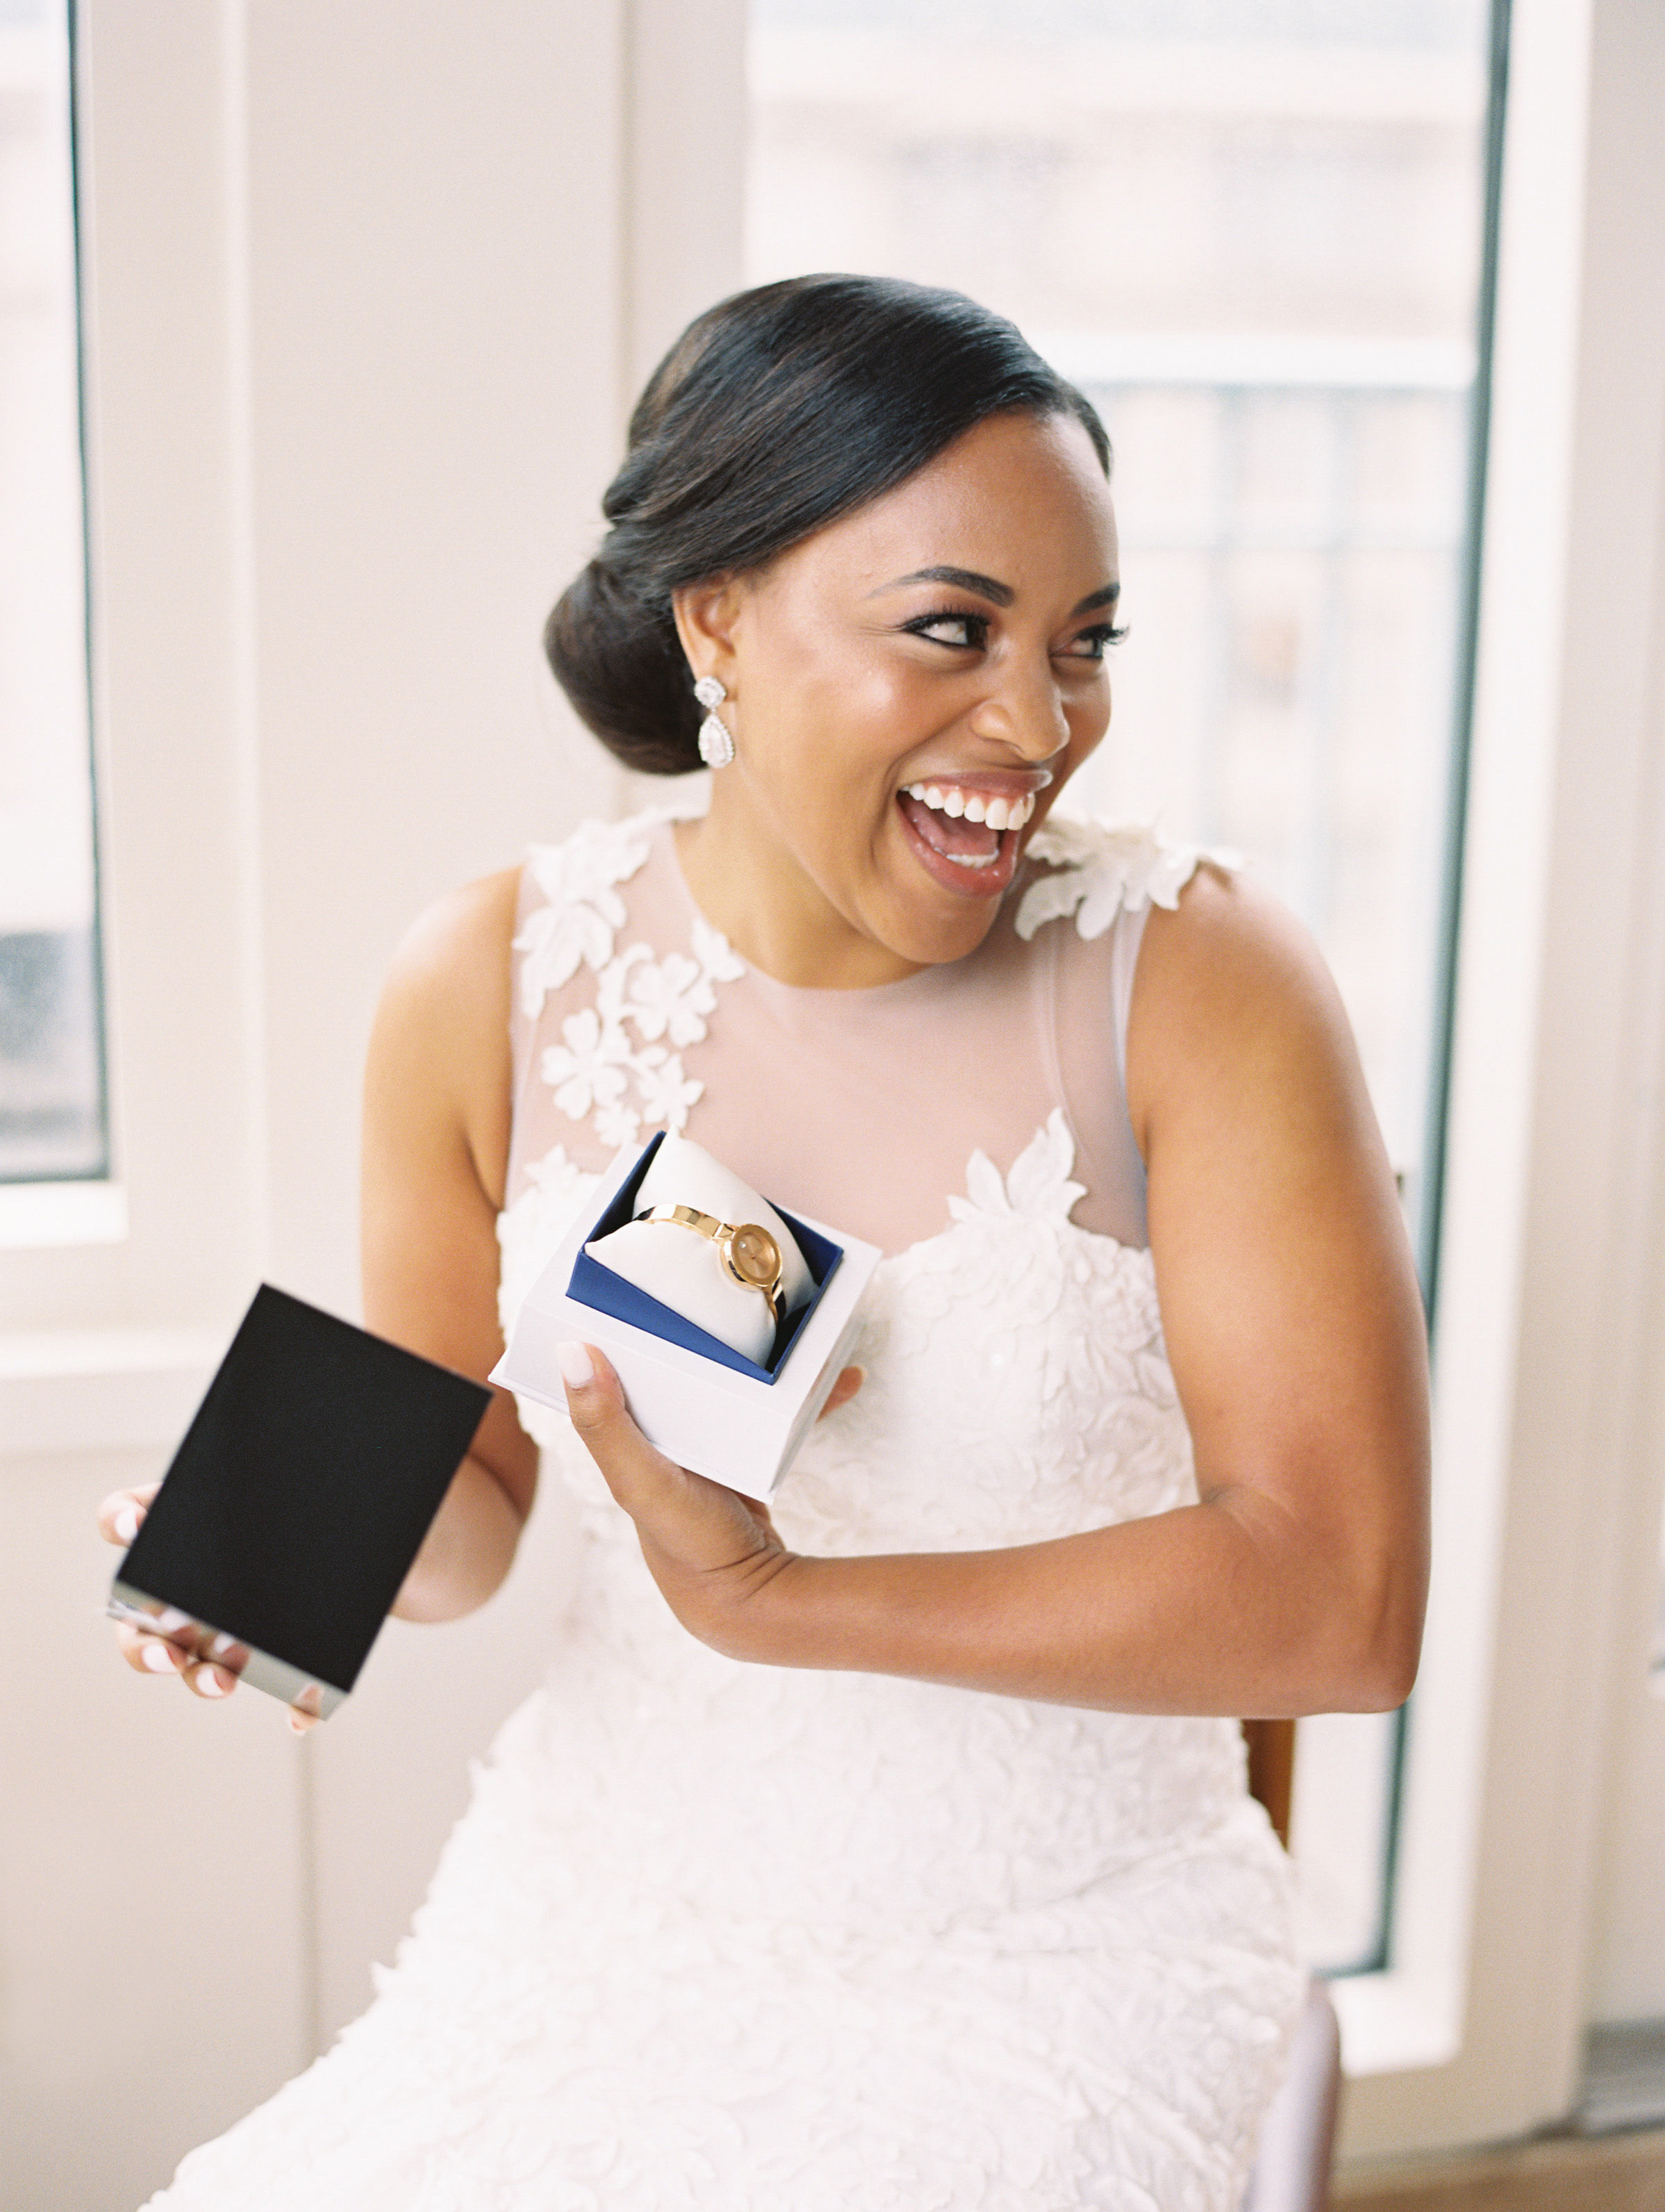 melissa justen wedding bride with watch gift